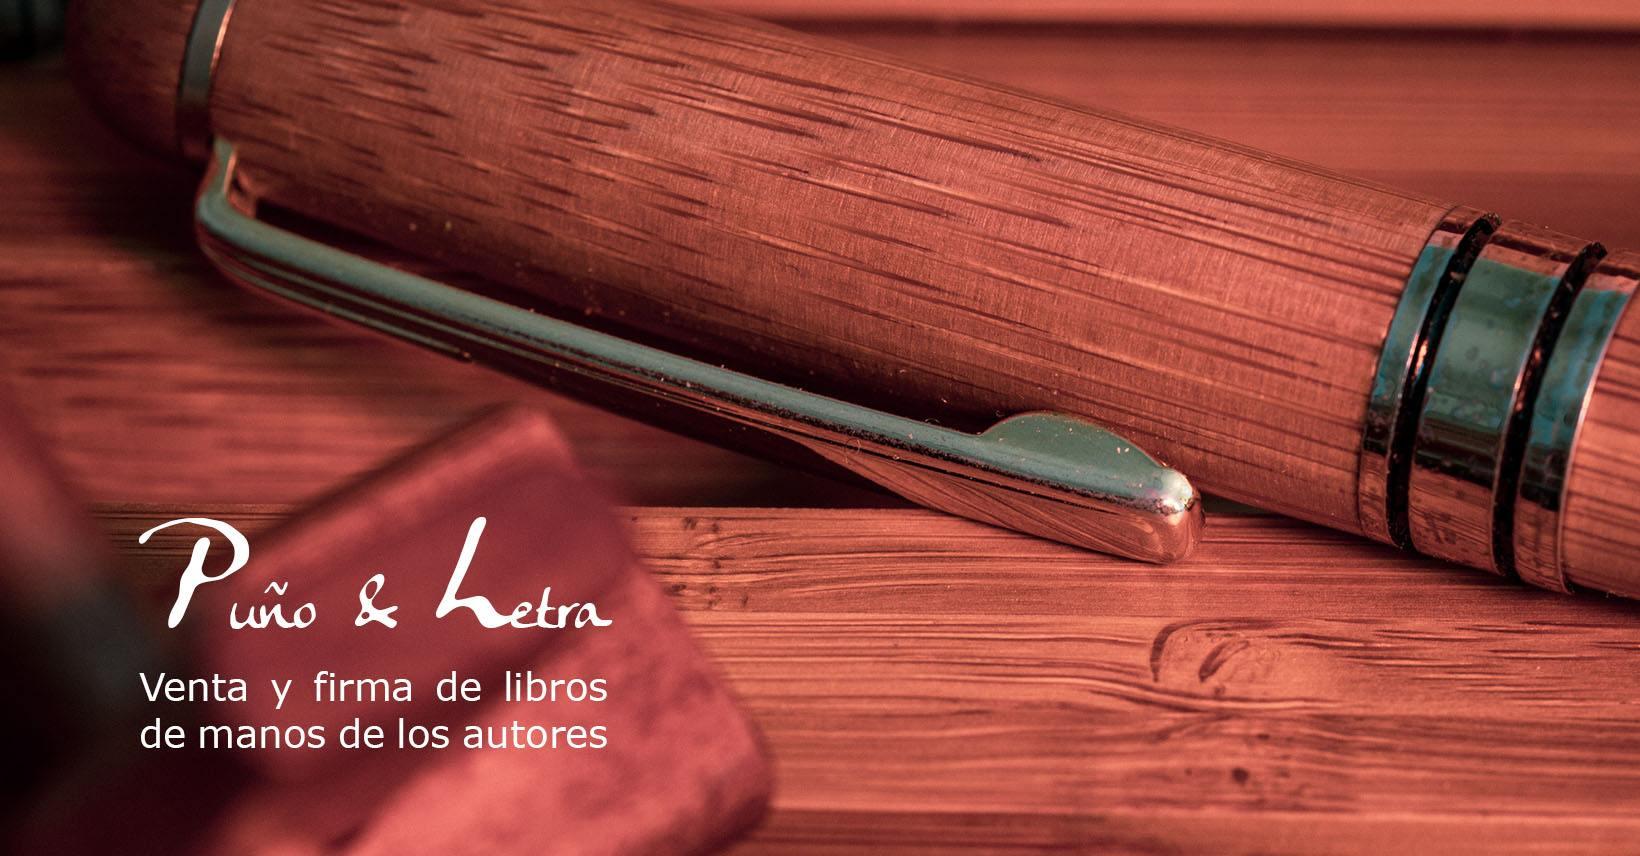 Segunda Edición Puño y Letra